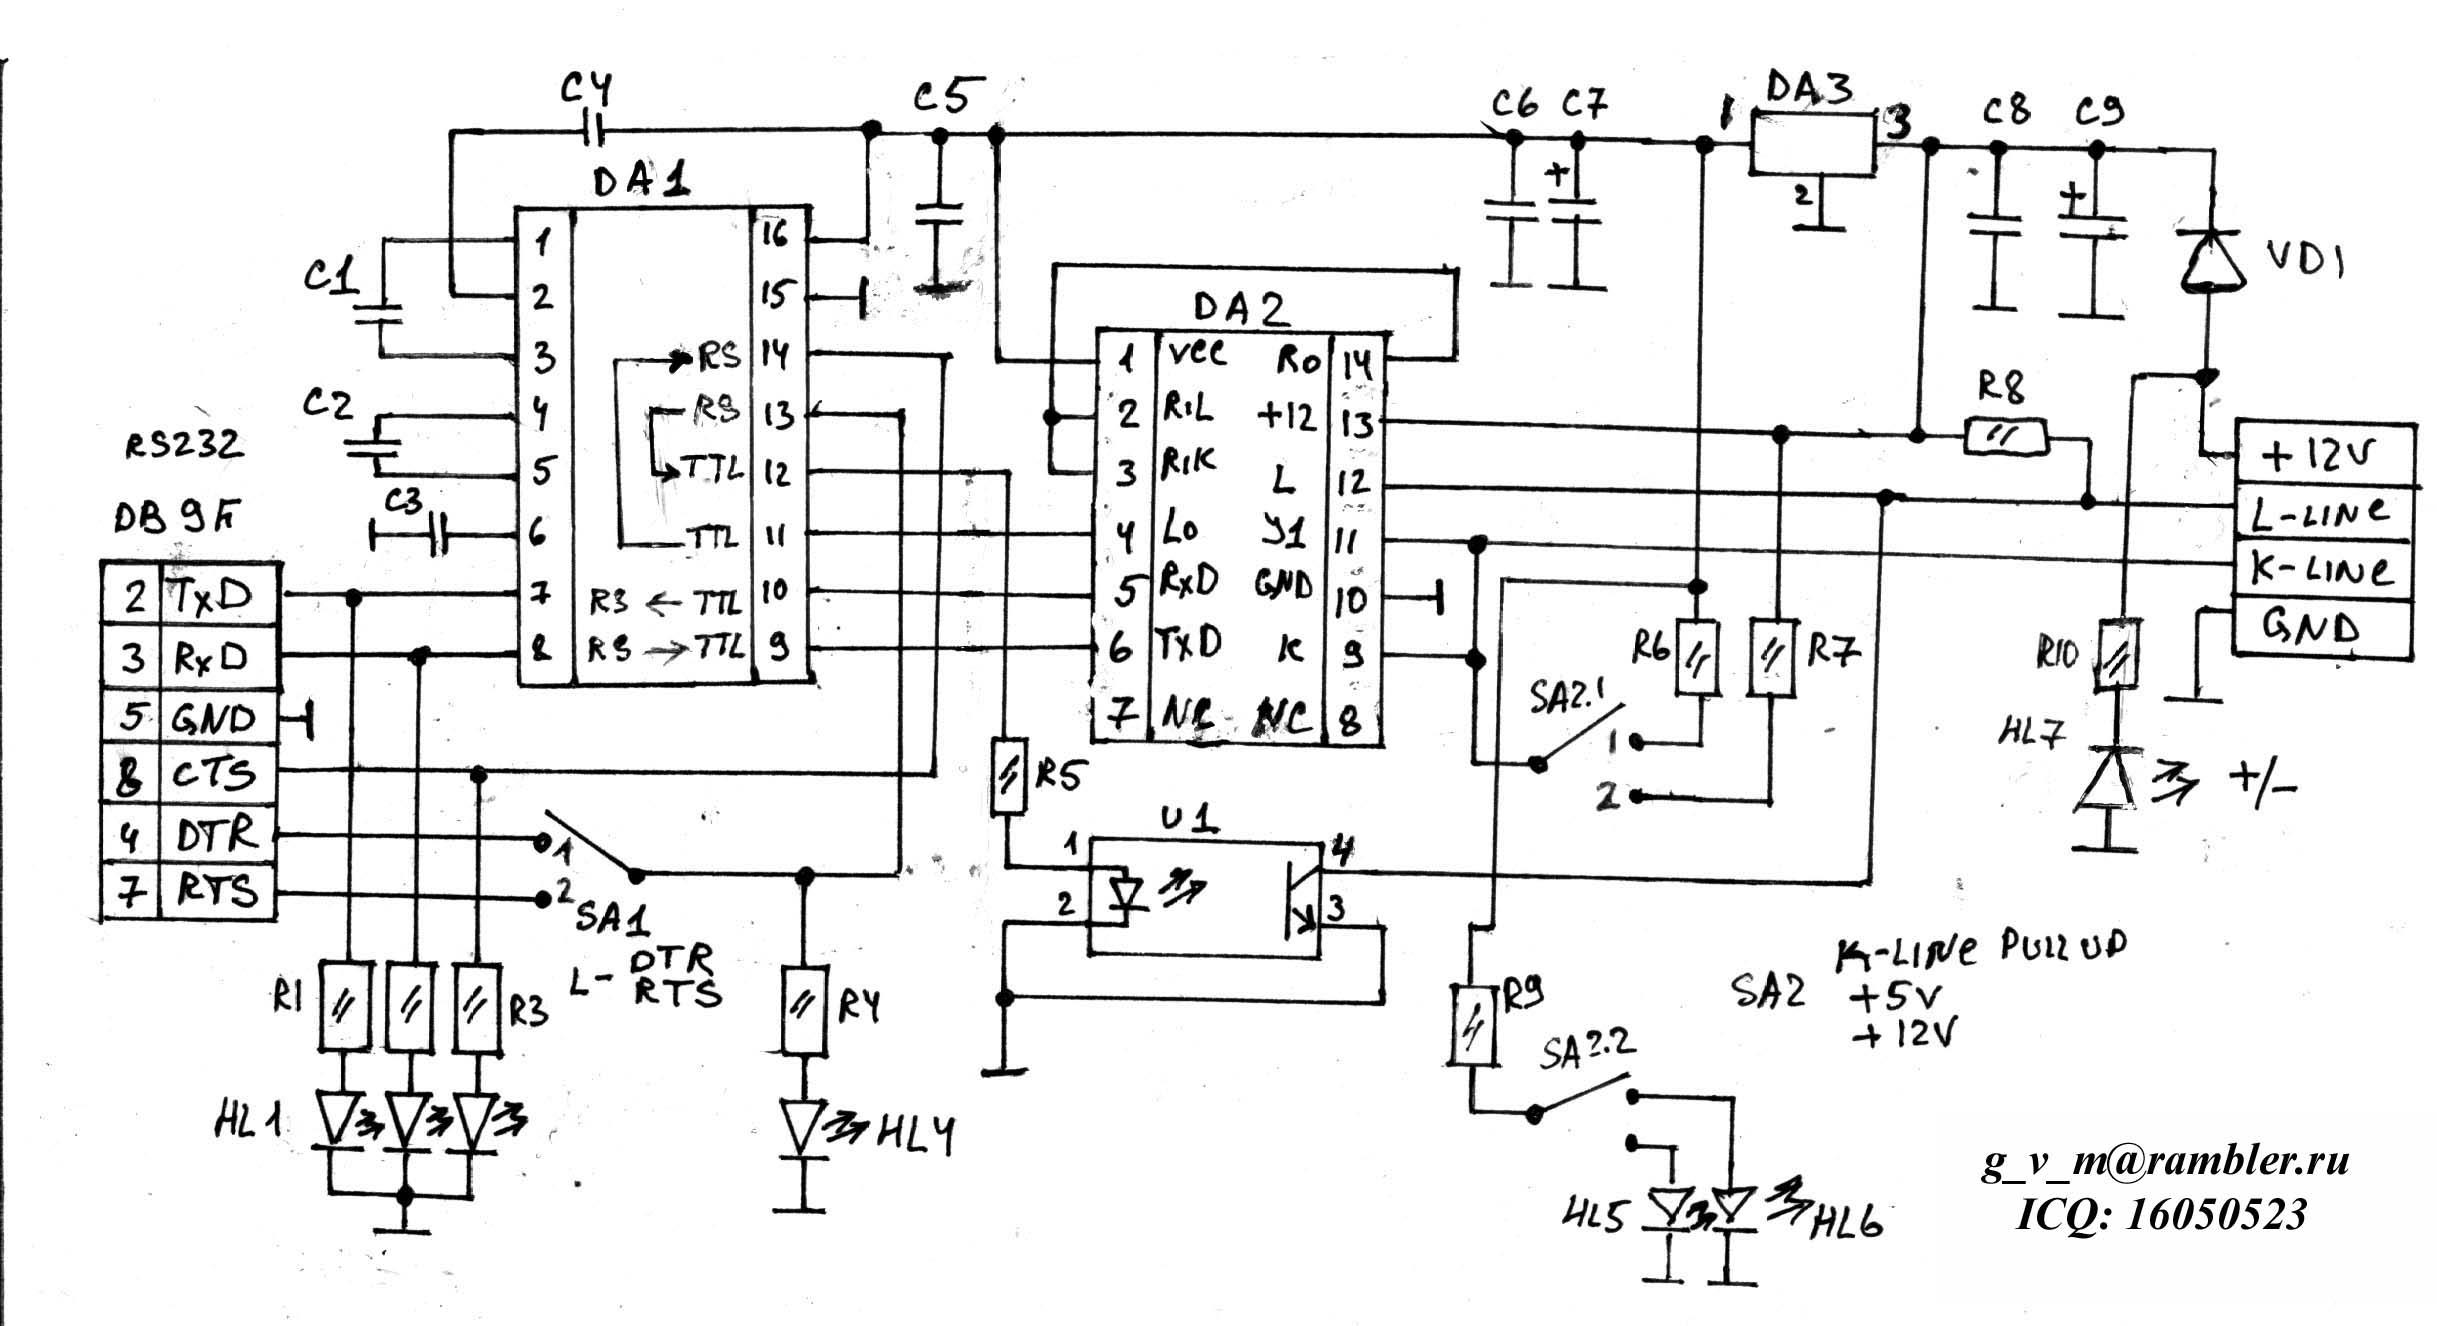 Схема K L_адаптера_доработка.jpg.